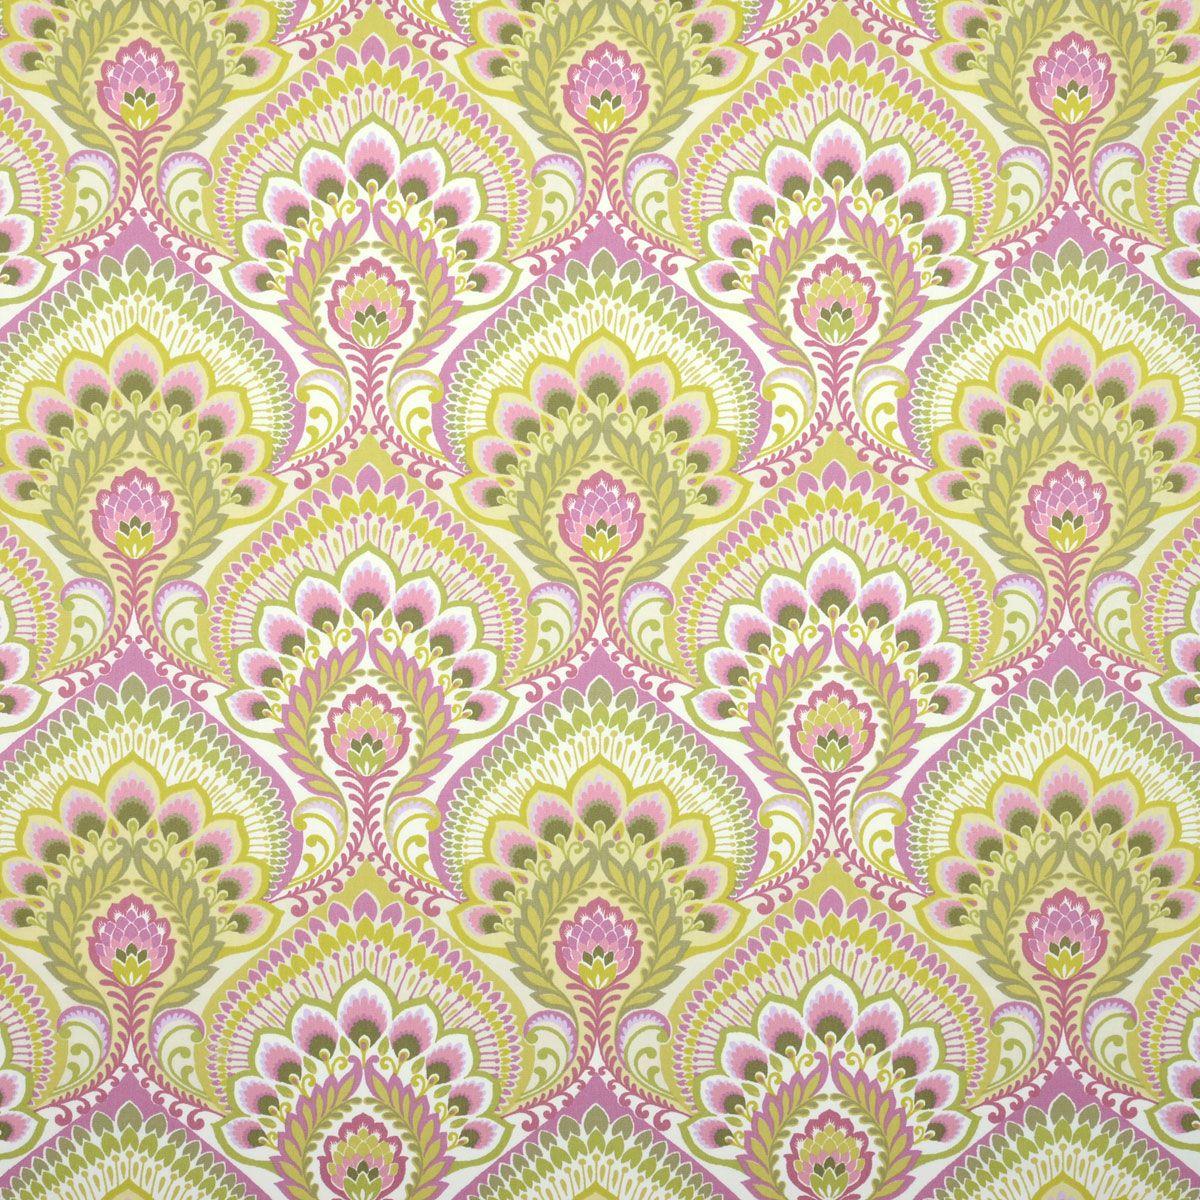 Nikita Curtain Fabric Free fabric samples, Curtain